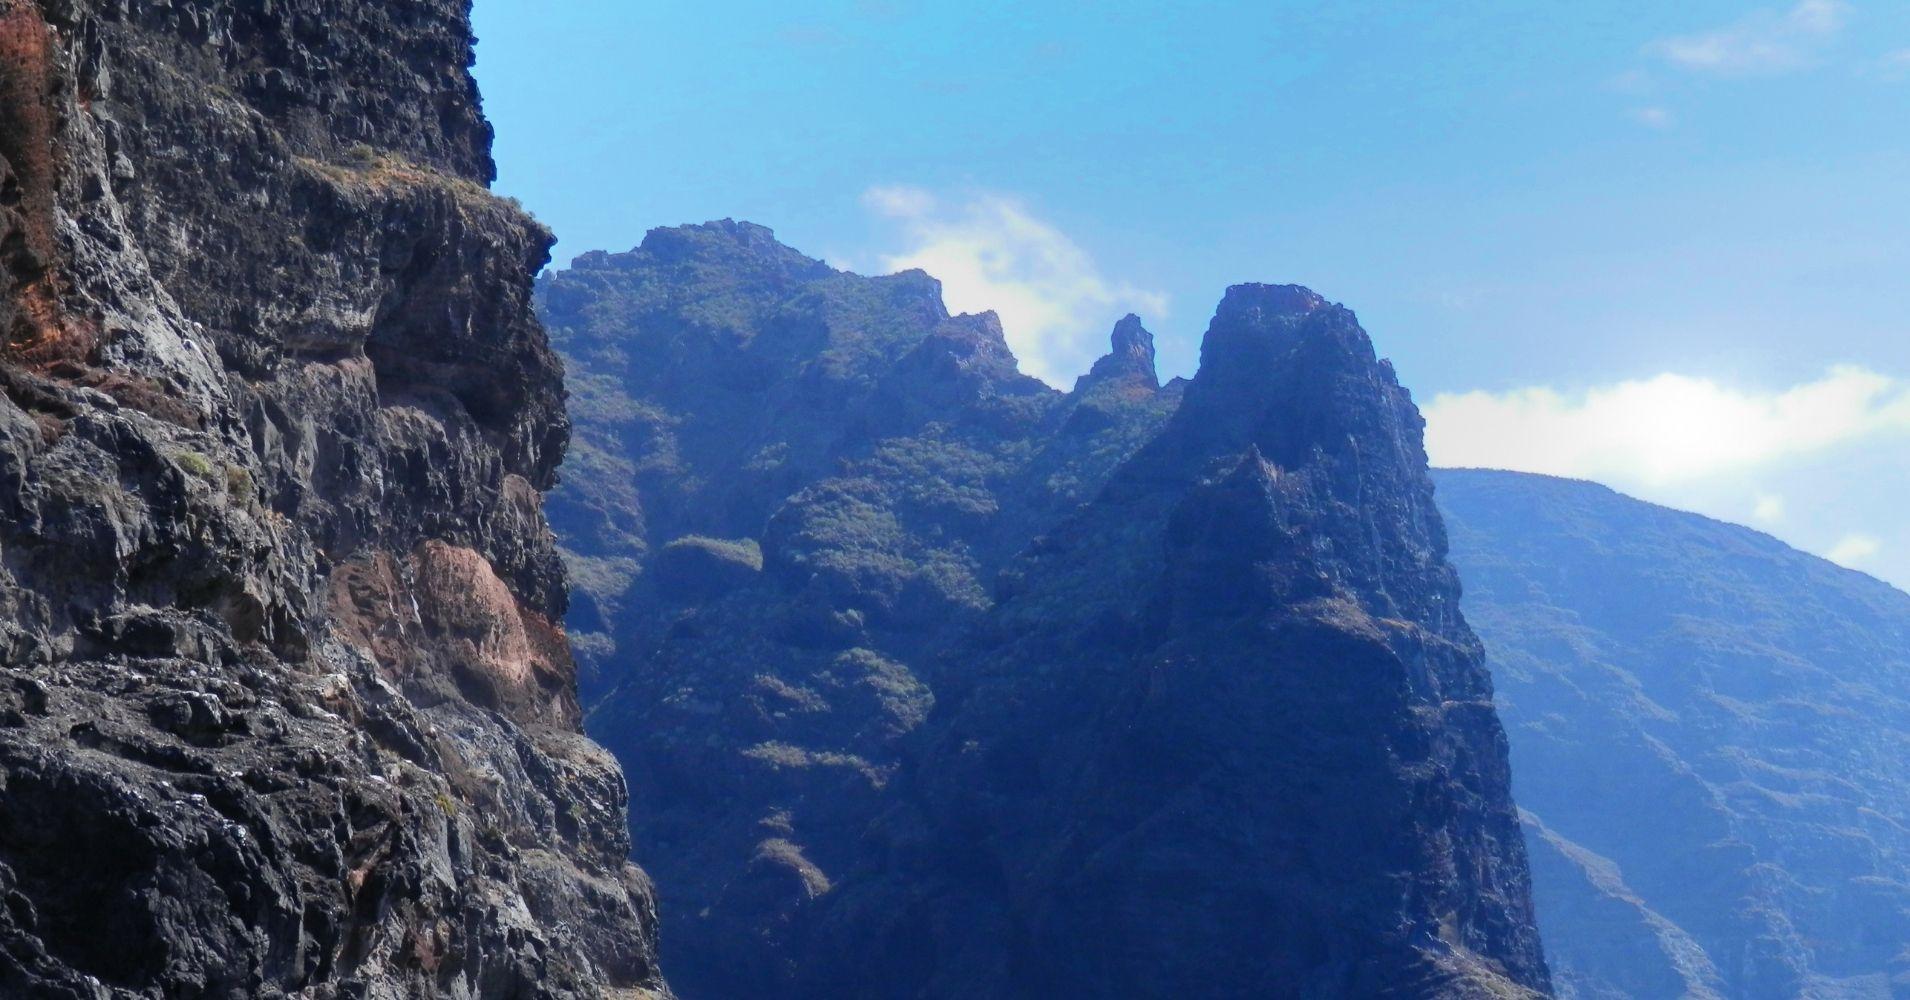 Acantilado de los Gigantes. Isla de Tenerife. Islas Canarias, España.